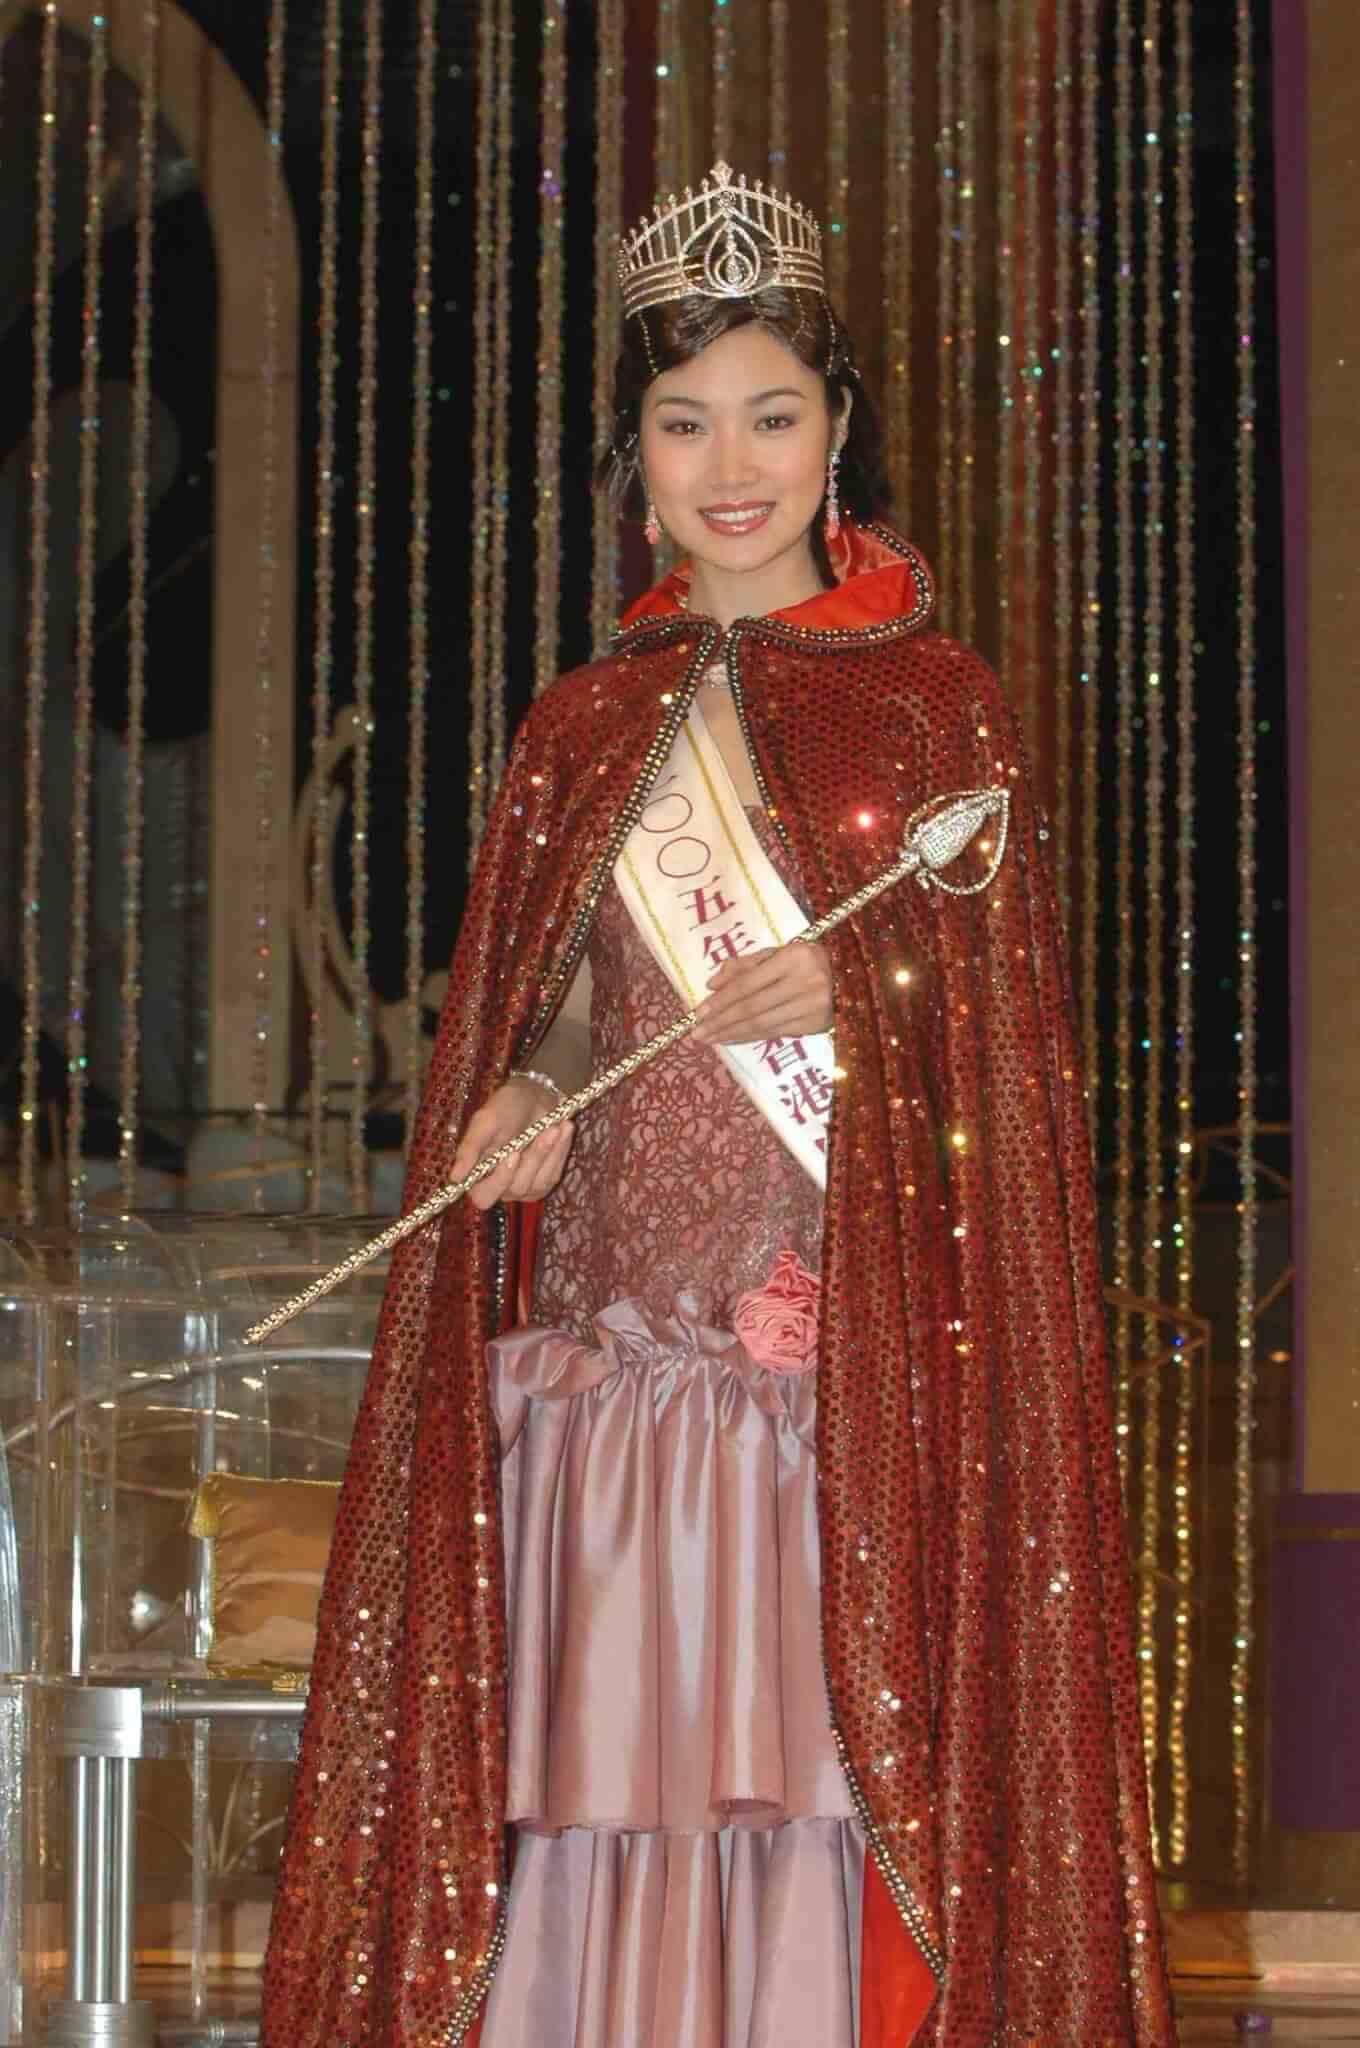 葉翠翠(2005年冠軍)173cm